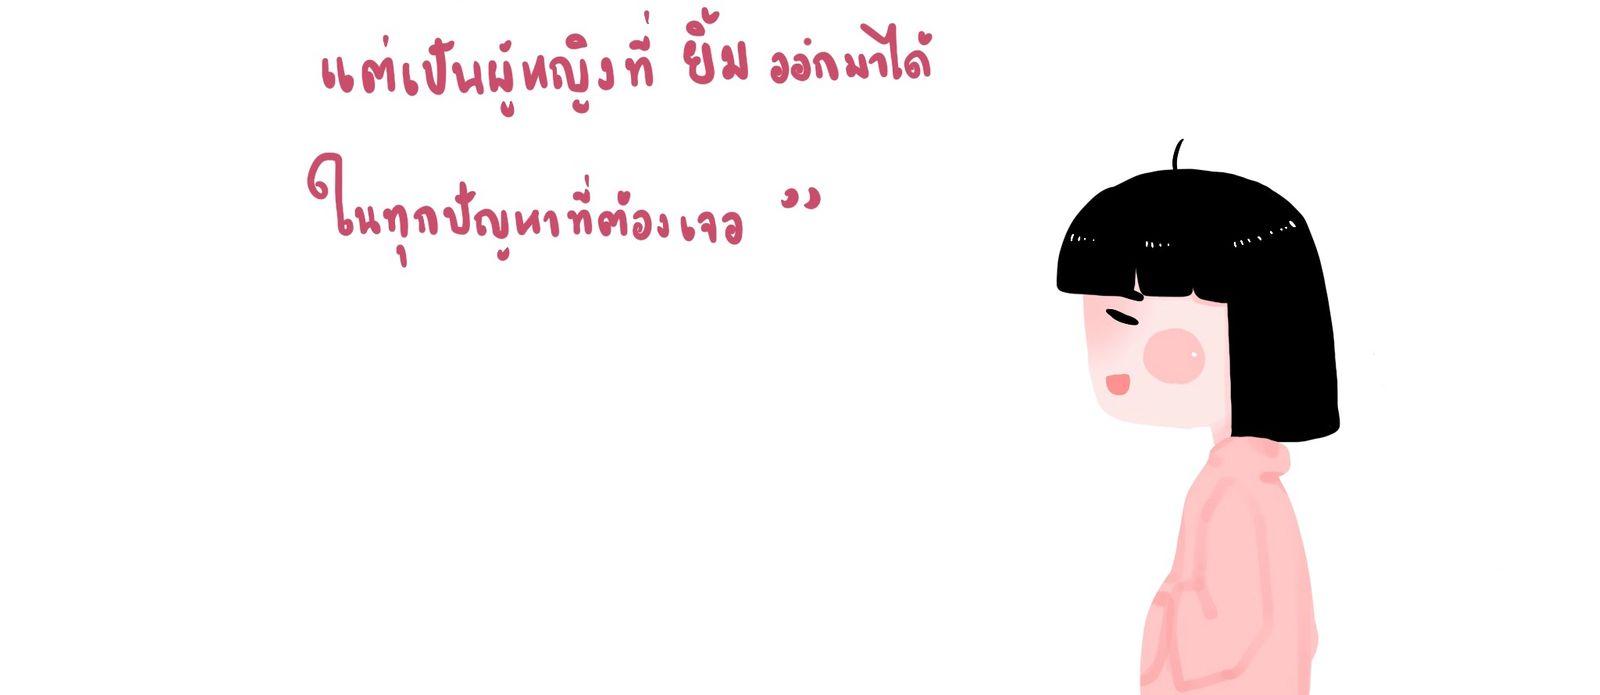 ผู้หญิงที่สวยคือคนที่ยิ้มได้ตอนเจอปัญหา